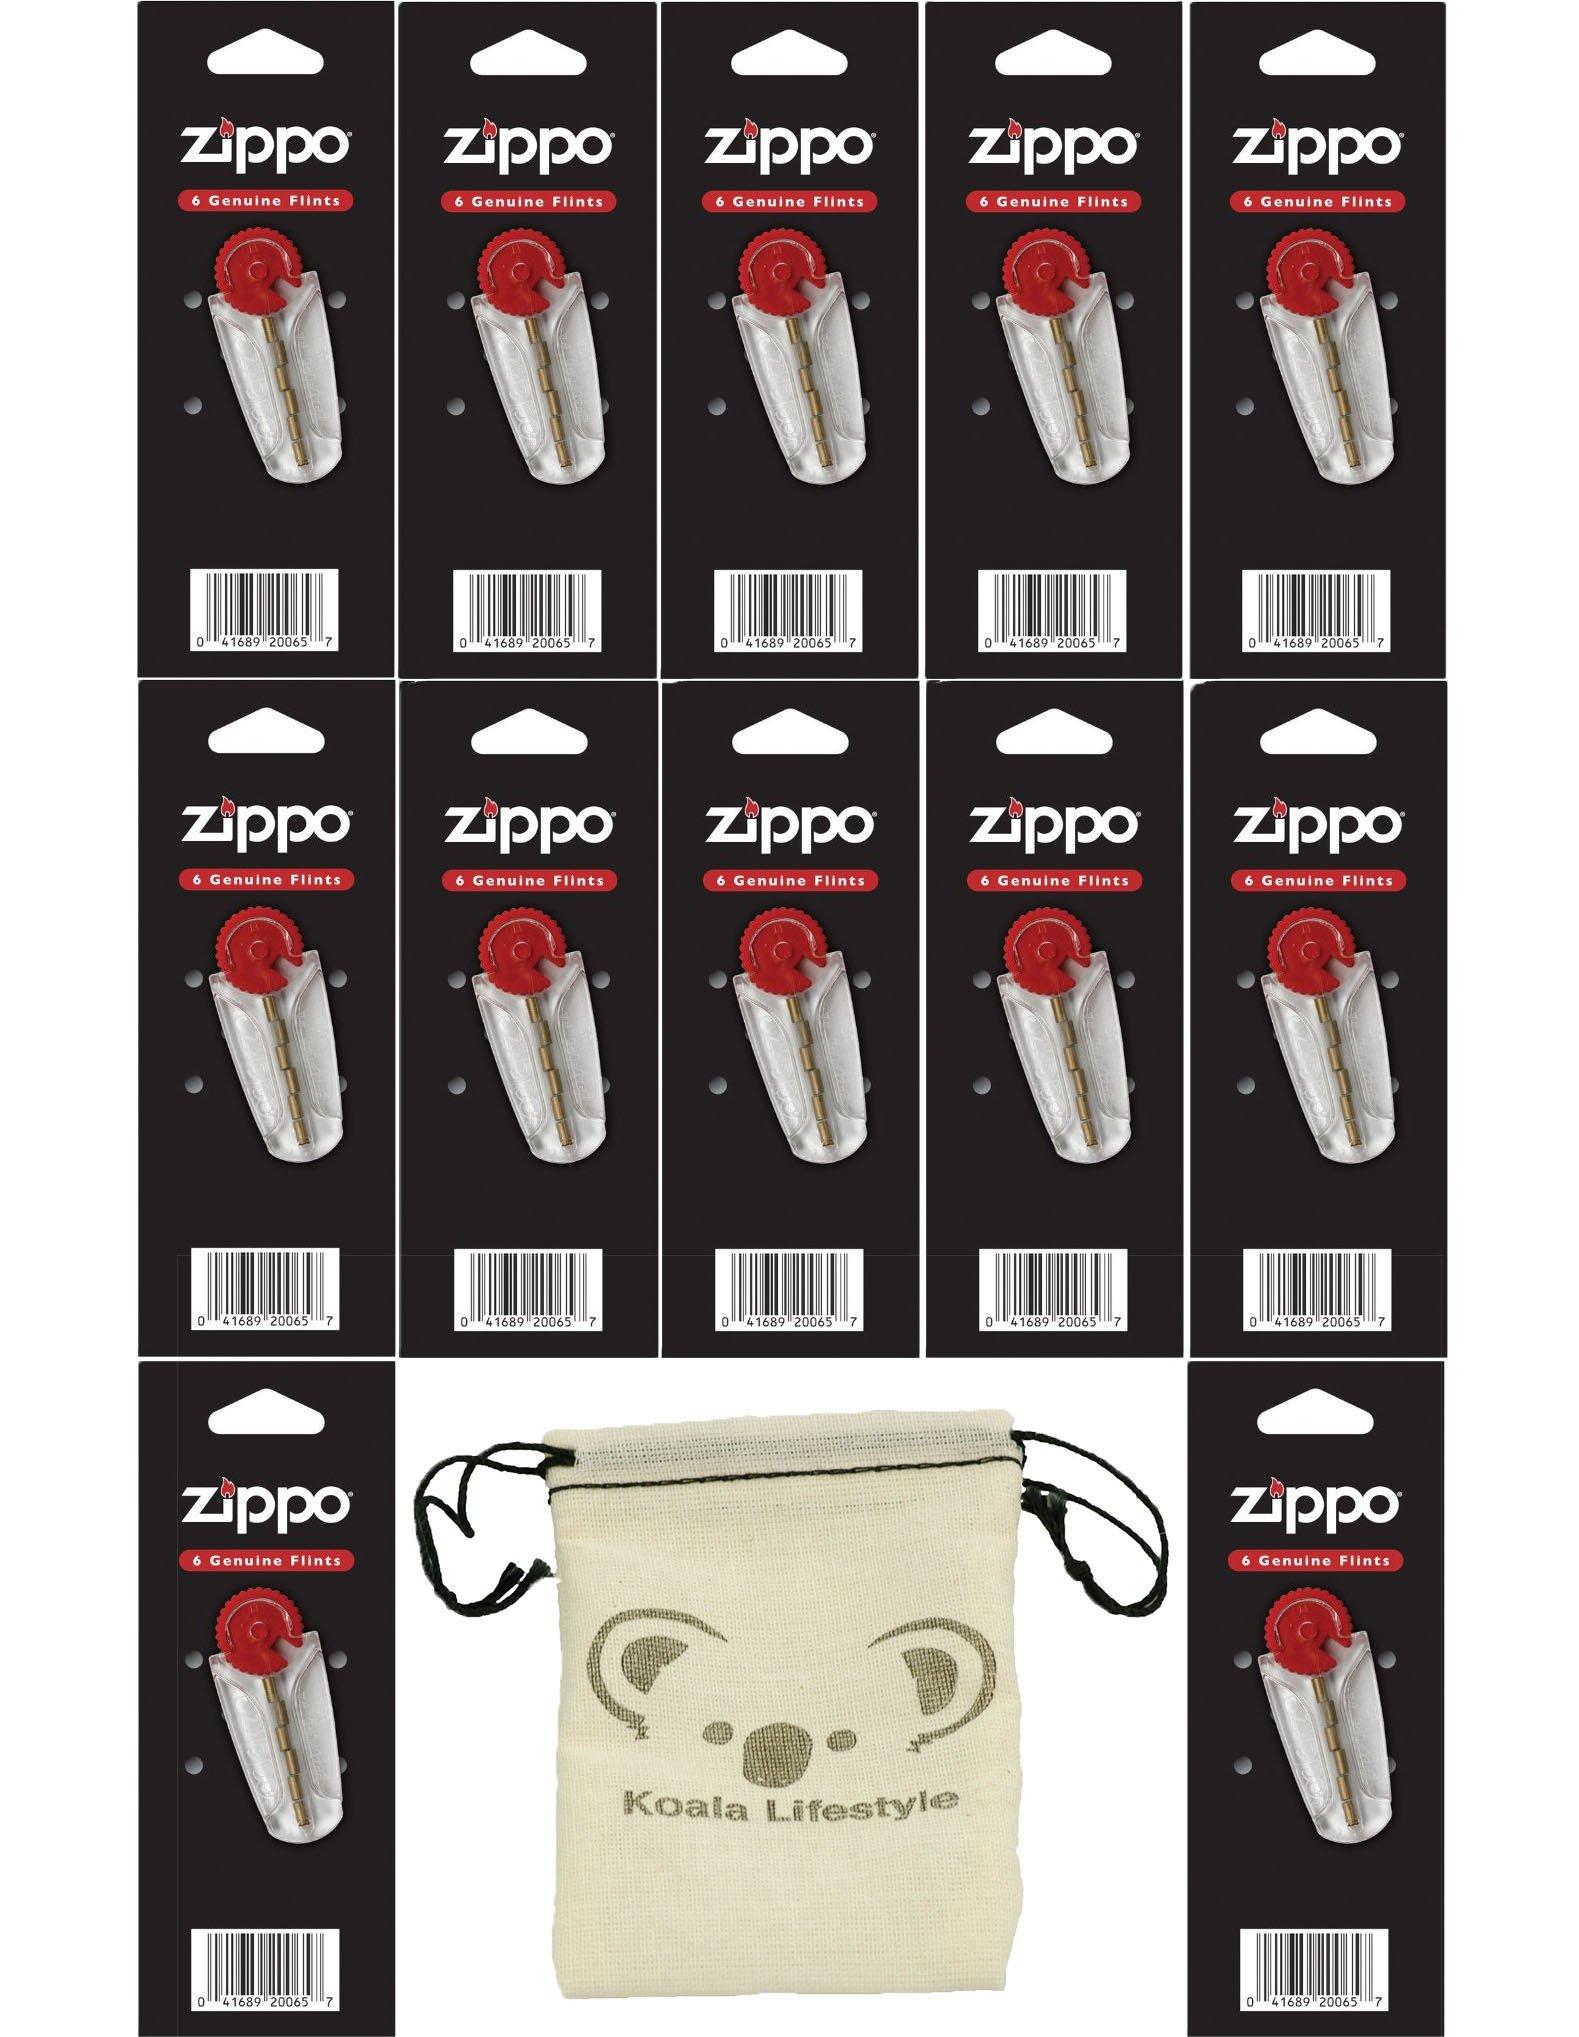 Zippo 12 Flint Dispensers (72 Flints Total) Lighter Replacement Set Pack | 12pk Bundle + Pouch